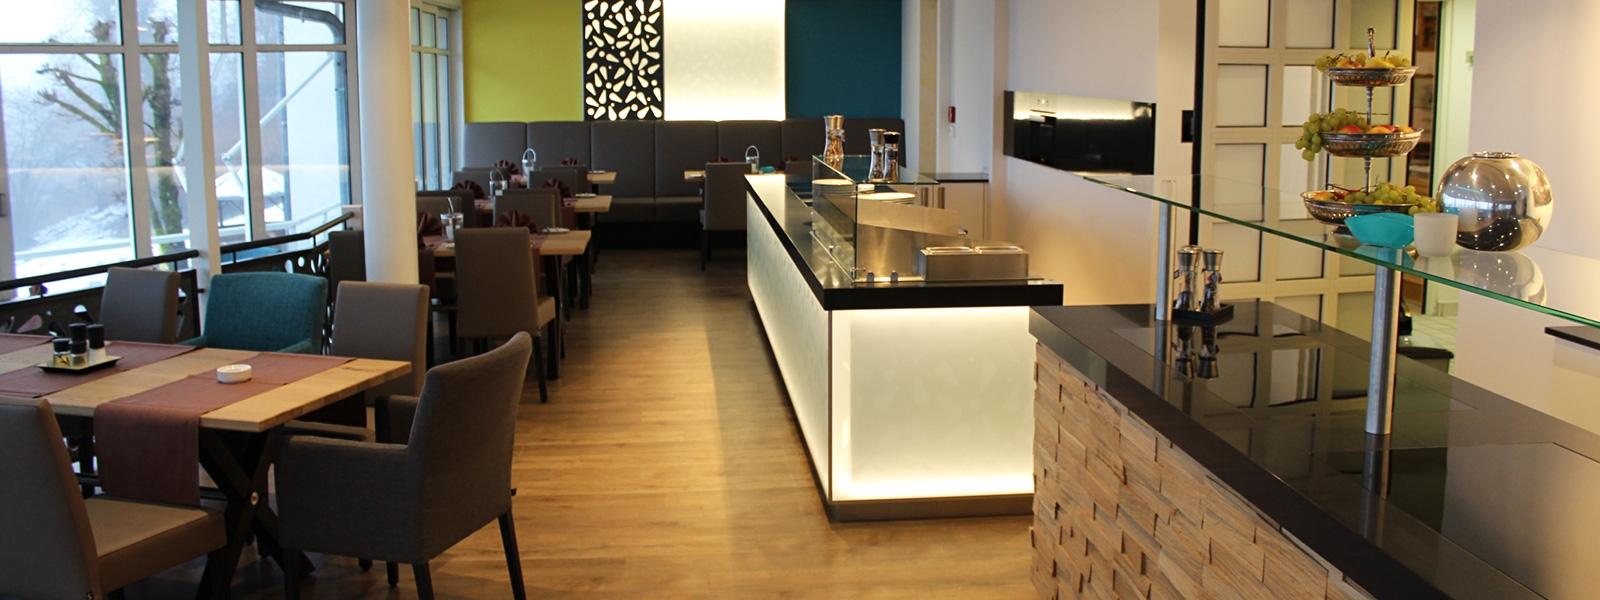 Scholl Gastro Referenz Hotel Deynique, Westerburg